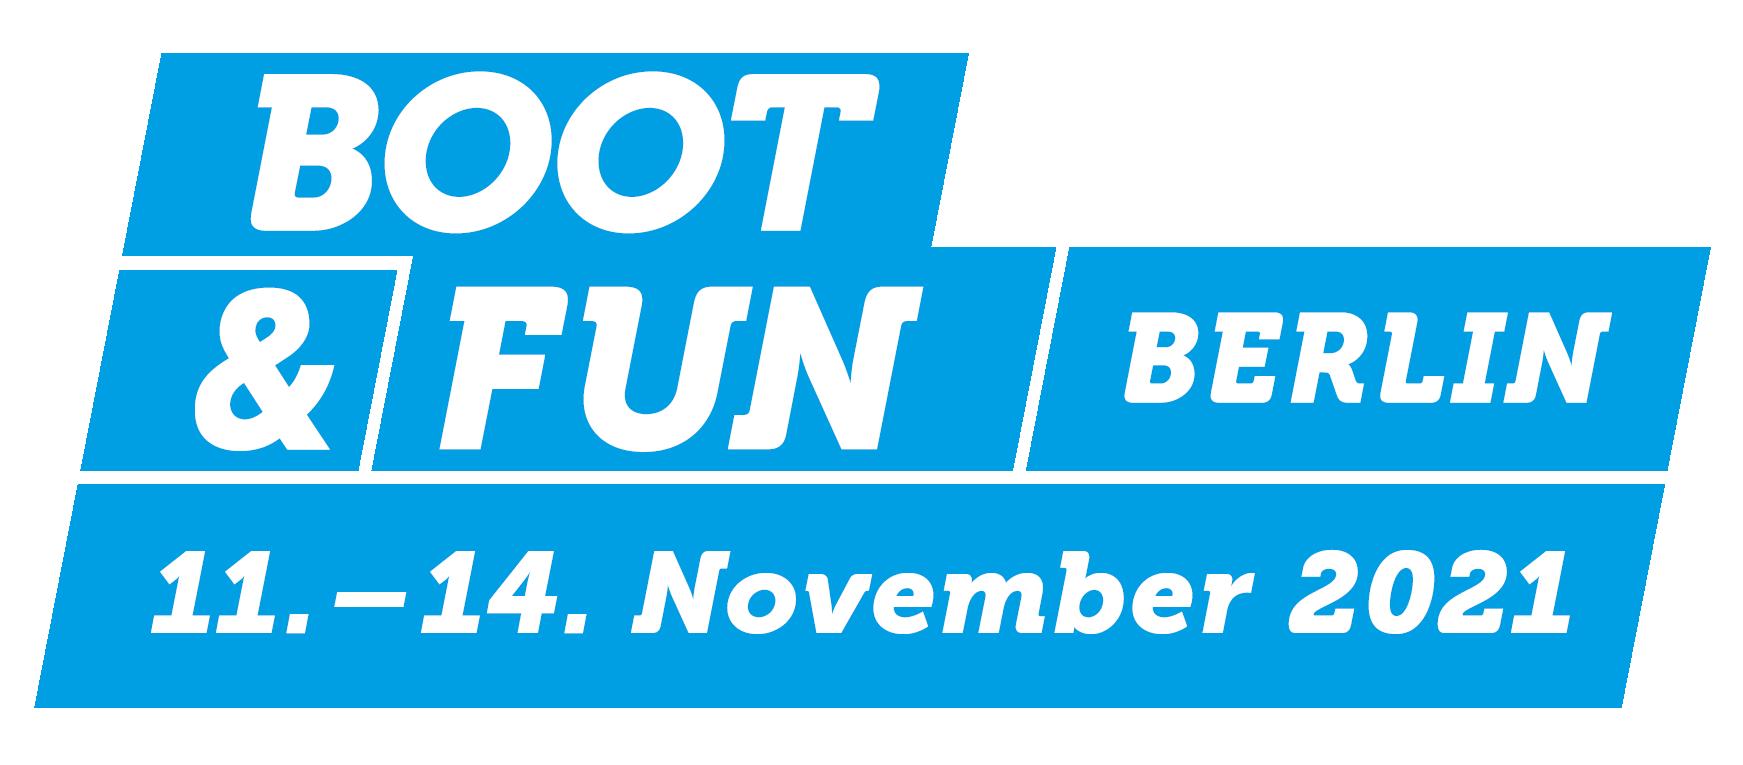 boot fun berlin 2021 logo quer positiv mit datum deu